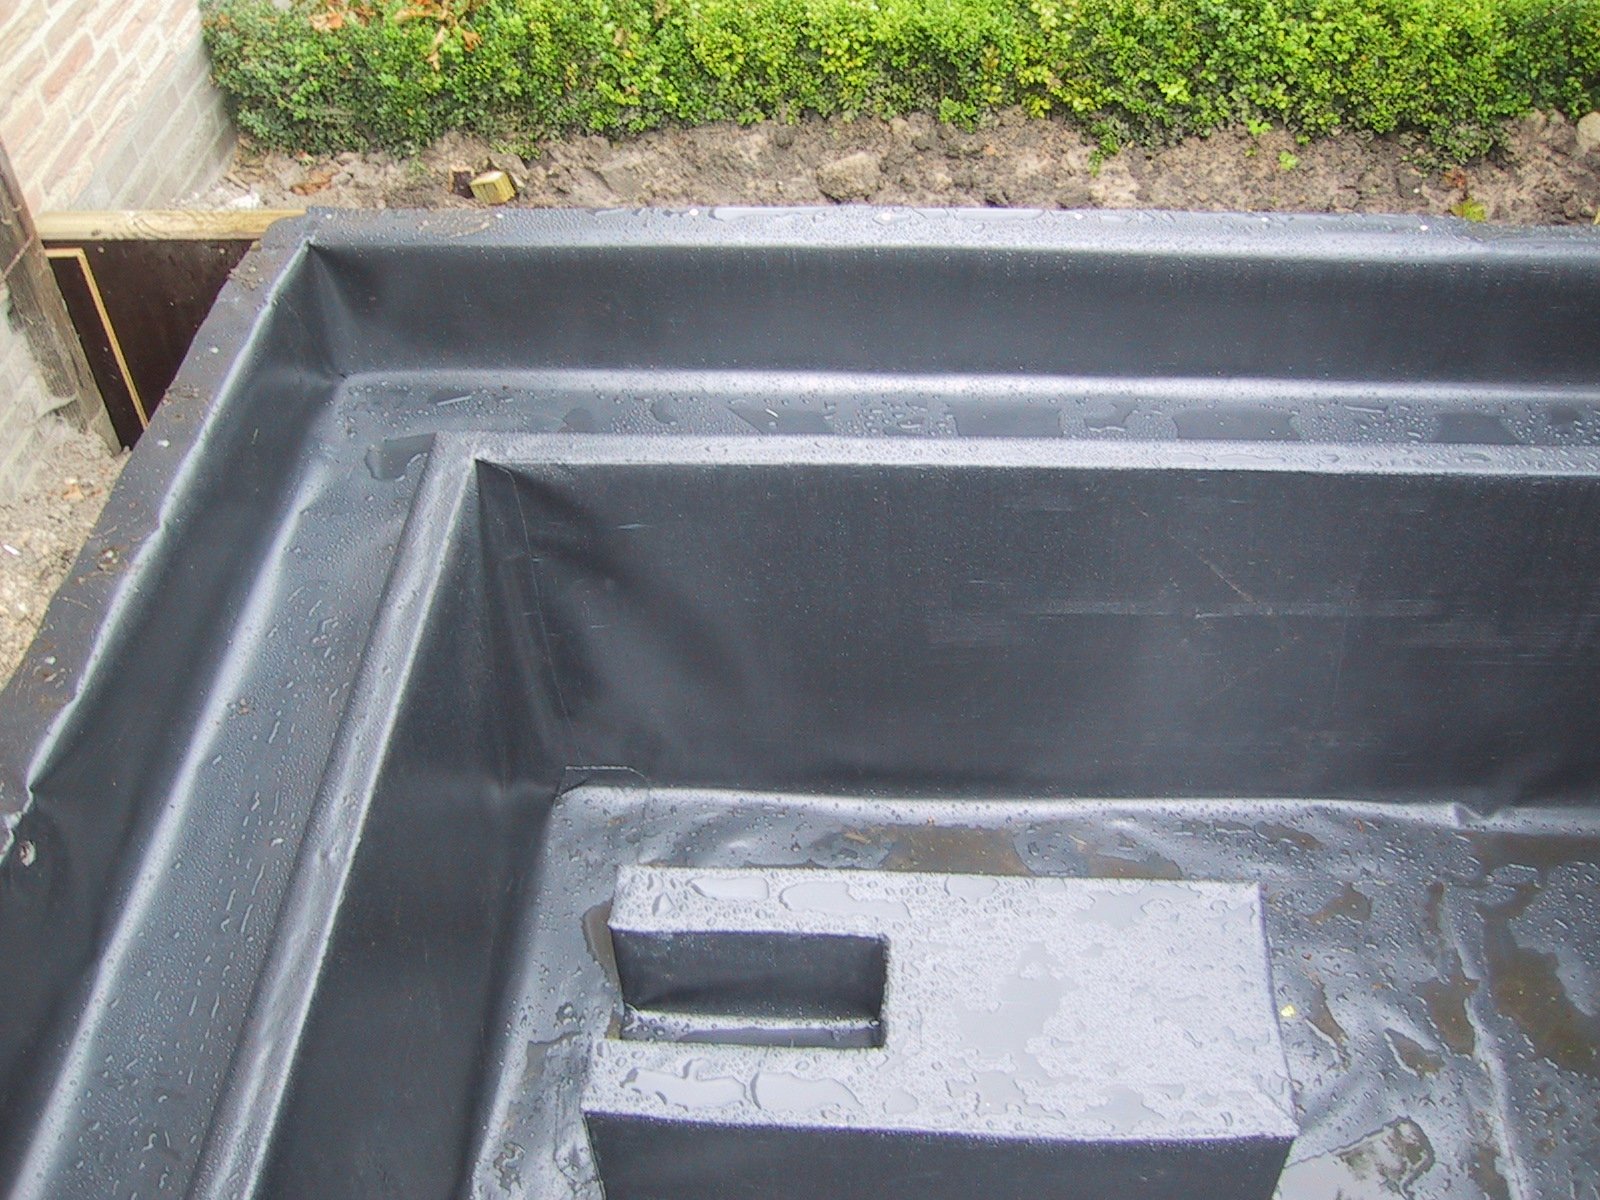 Aanleg vijver aldak bvba dakbedekkingen for Folie vijver